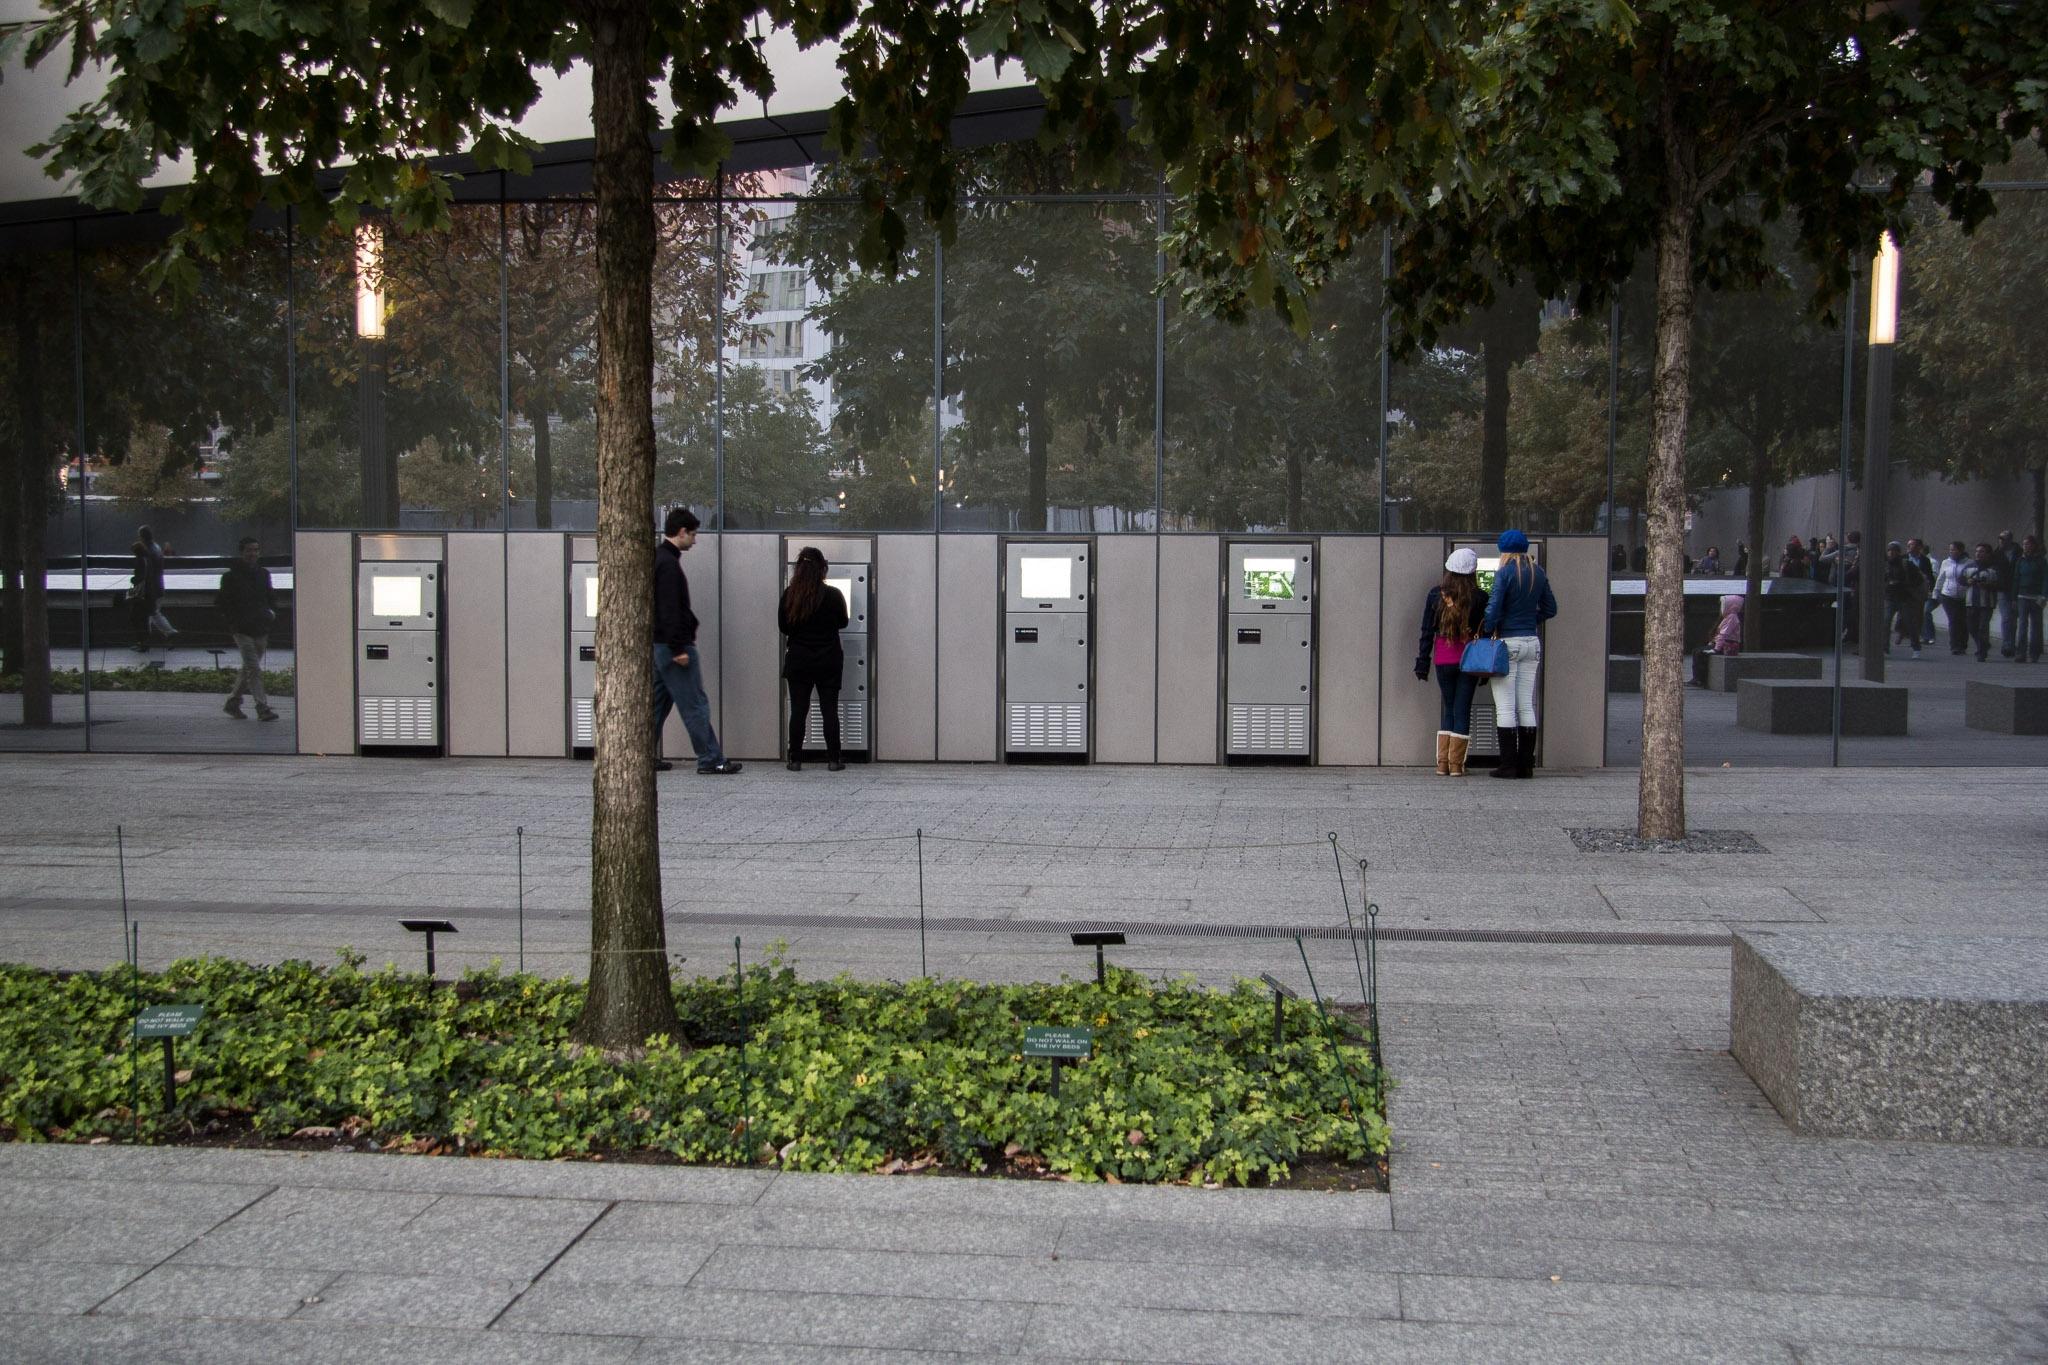 kiosks-at-9/11-world-trade-center-memorial